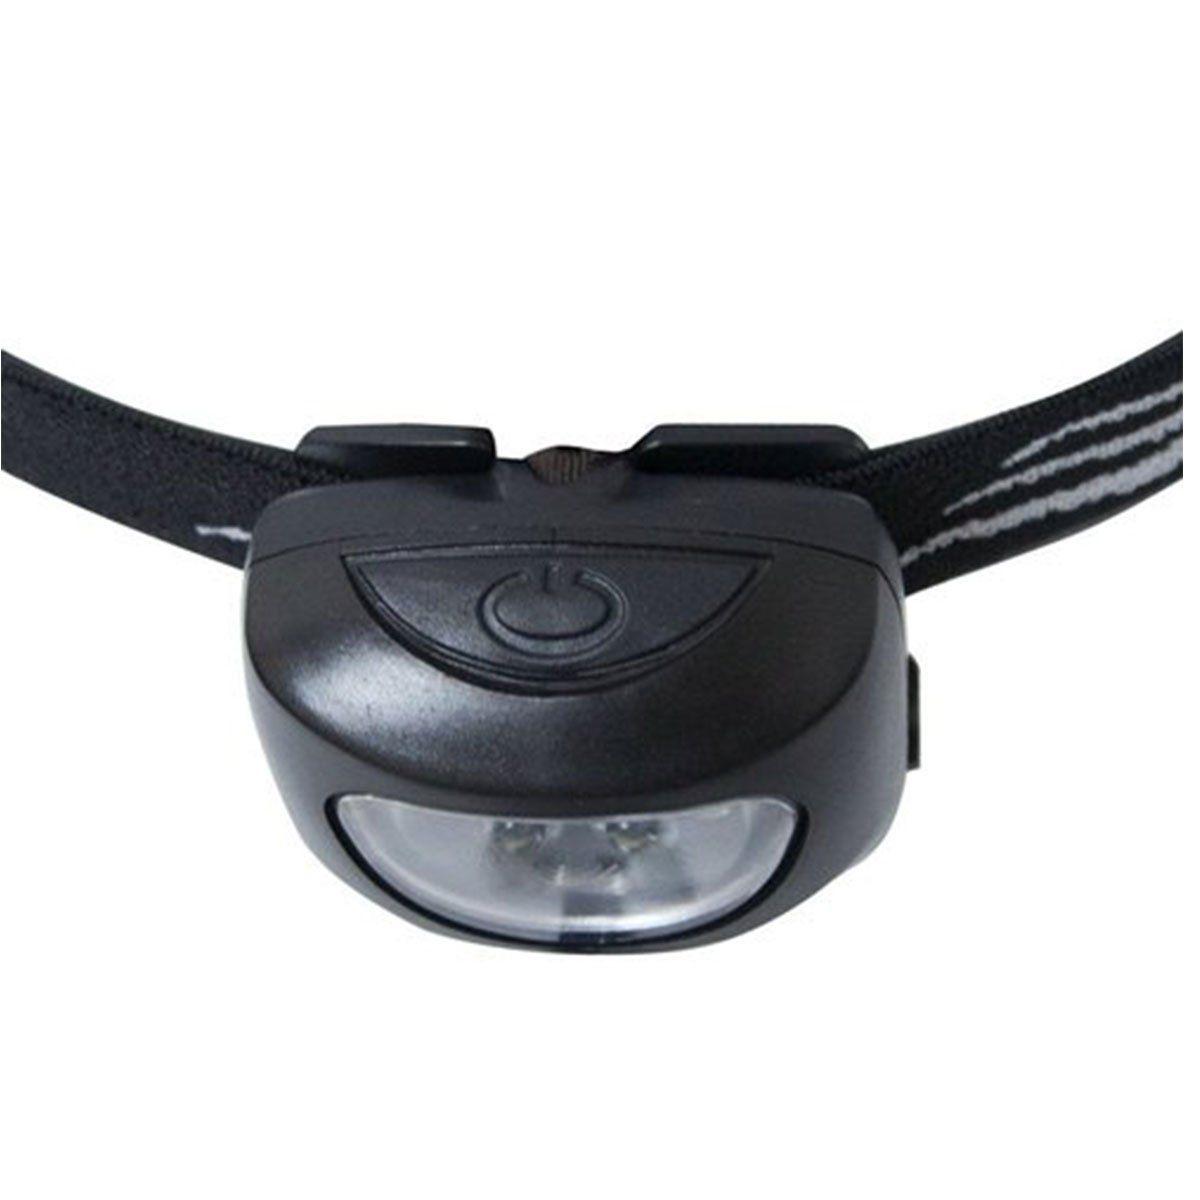 Lanterna de Cabeça Nautika Dragster 15 Lumens